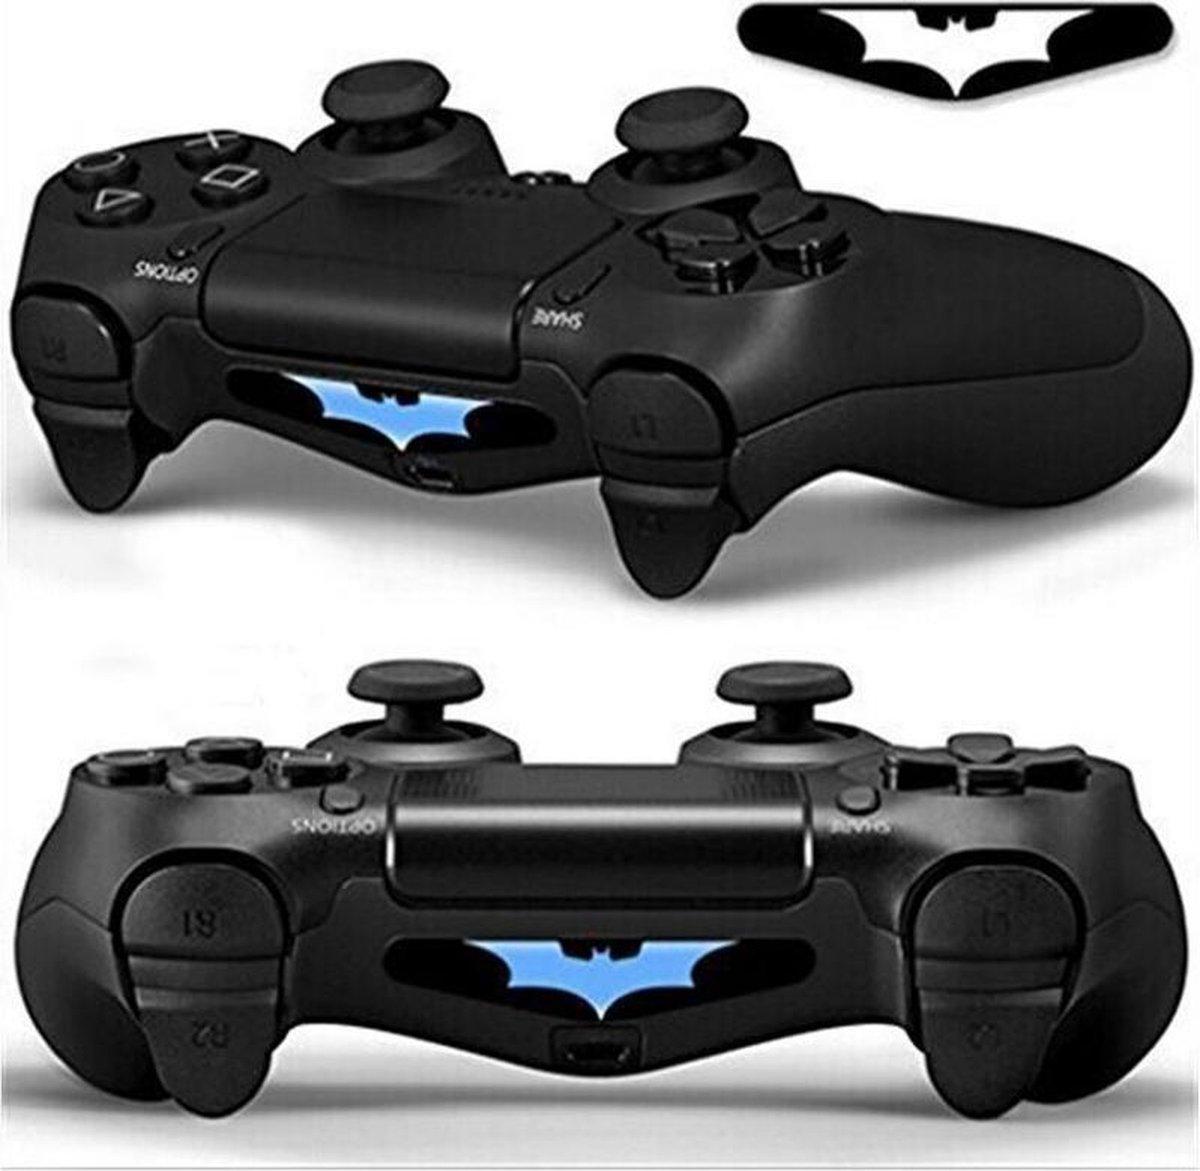 Batman - Light Bar Sticker voor Playstation 4 Controller - PS4 Controller Light Bar Skin - Vleermuis - 5 Stuks kopen